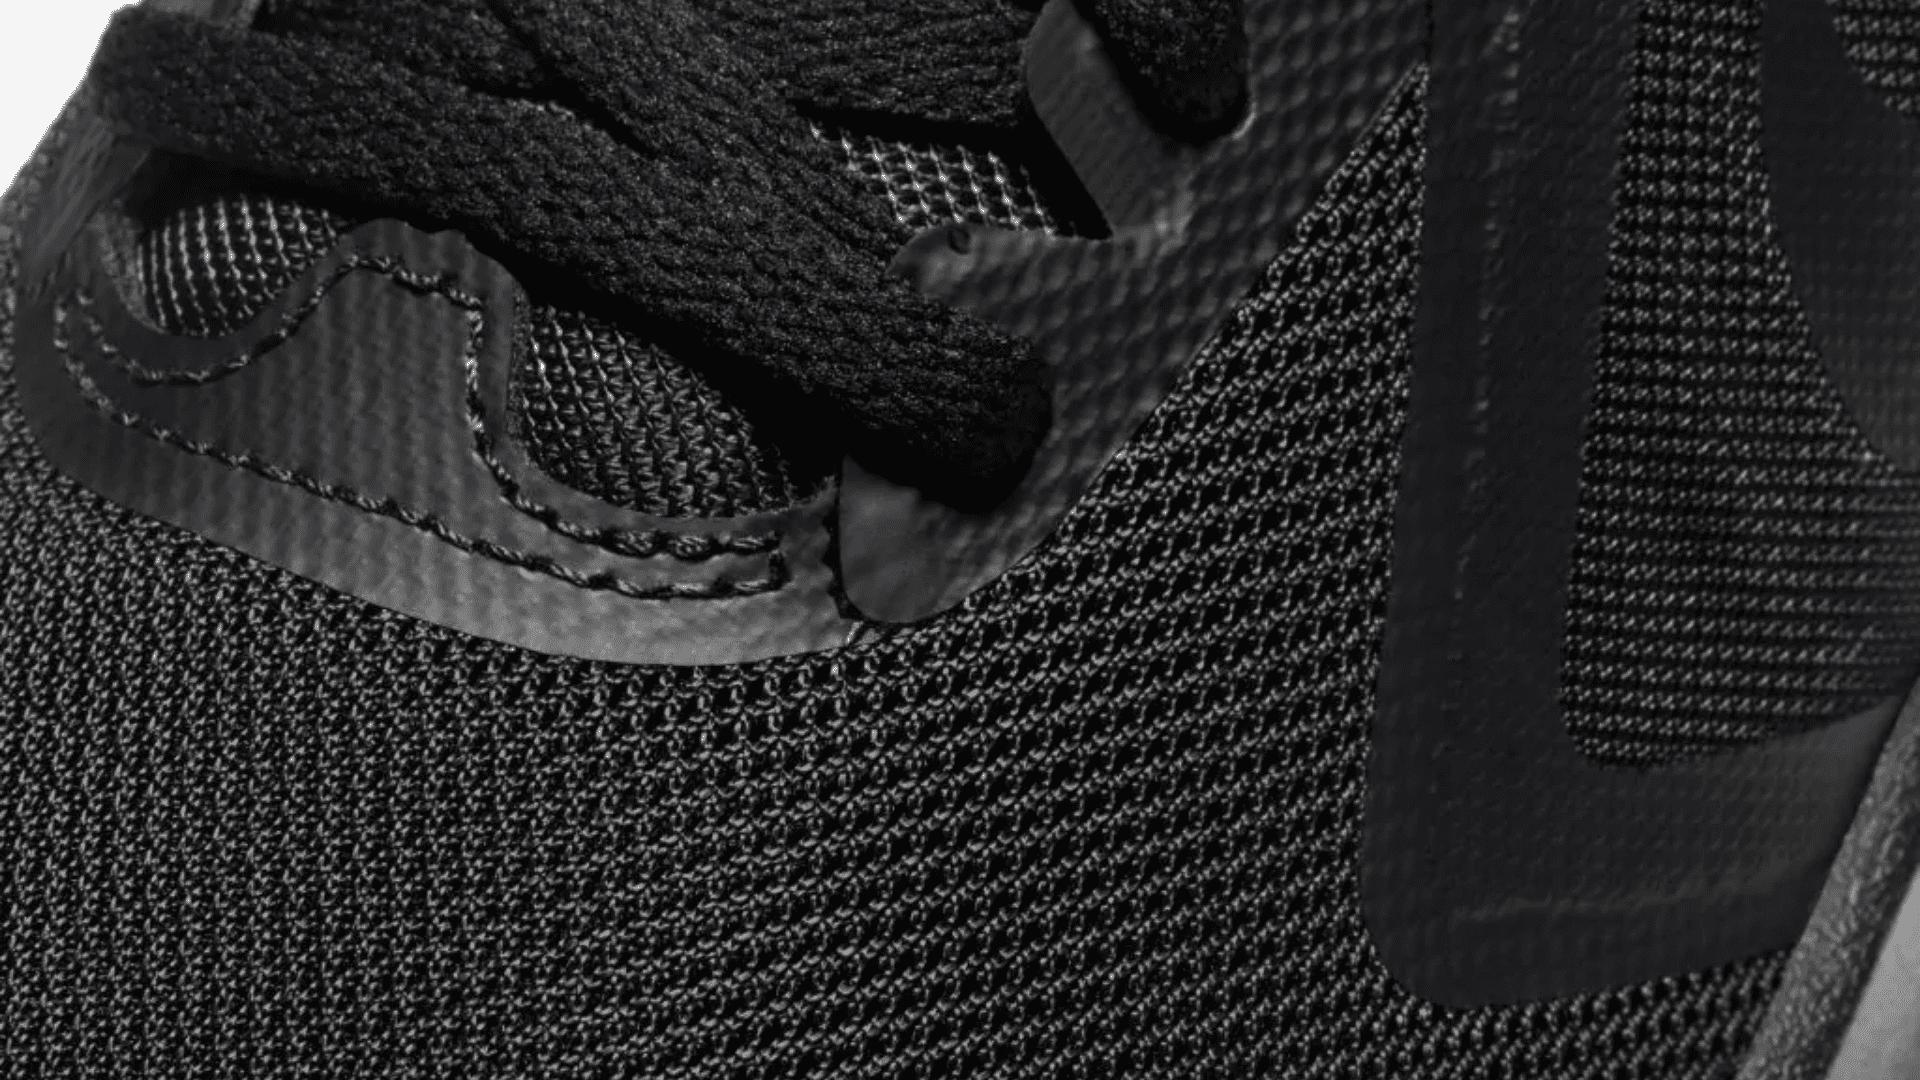 O Nike Downshifter 10 é feito em Mesh para mais respirabilidade (Imagem: Divulgação/Nike)